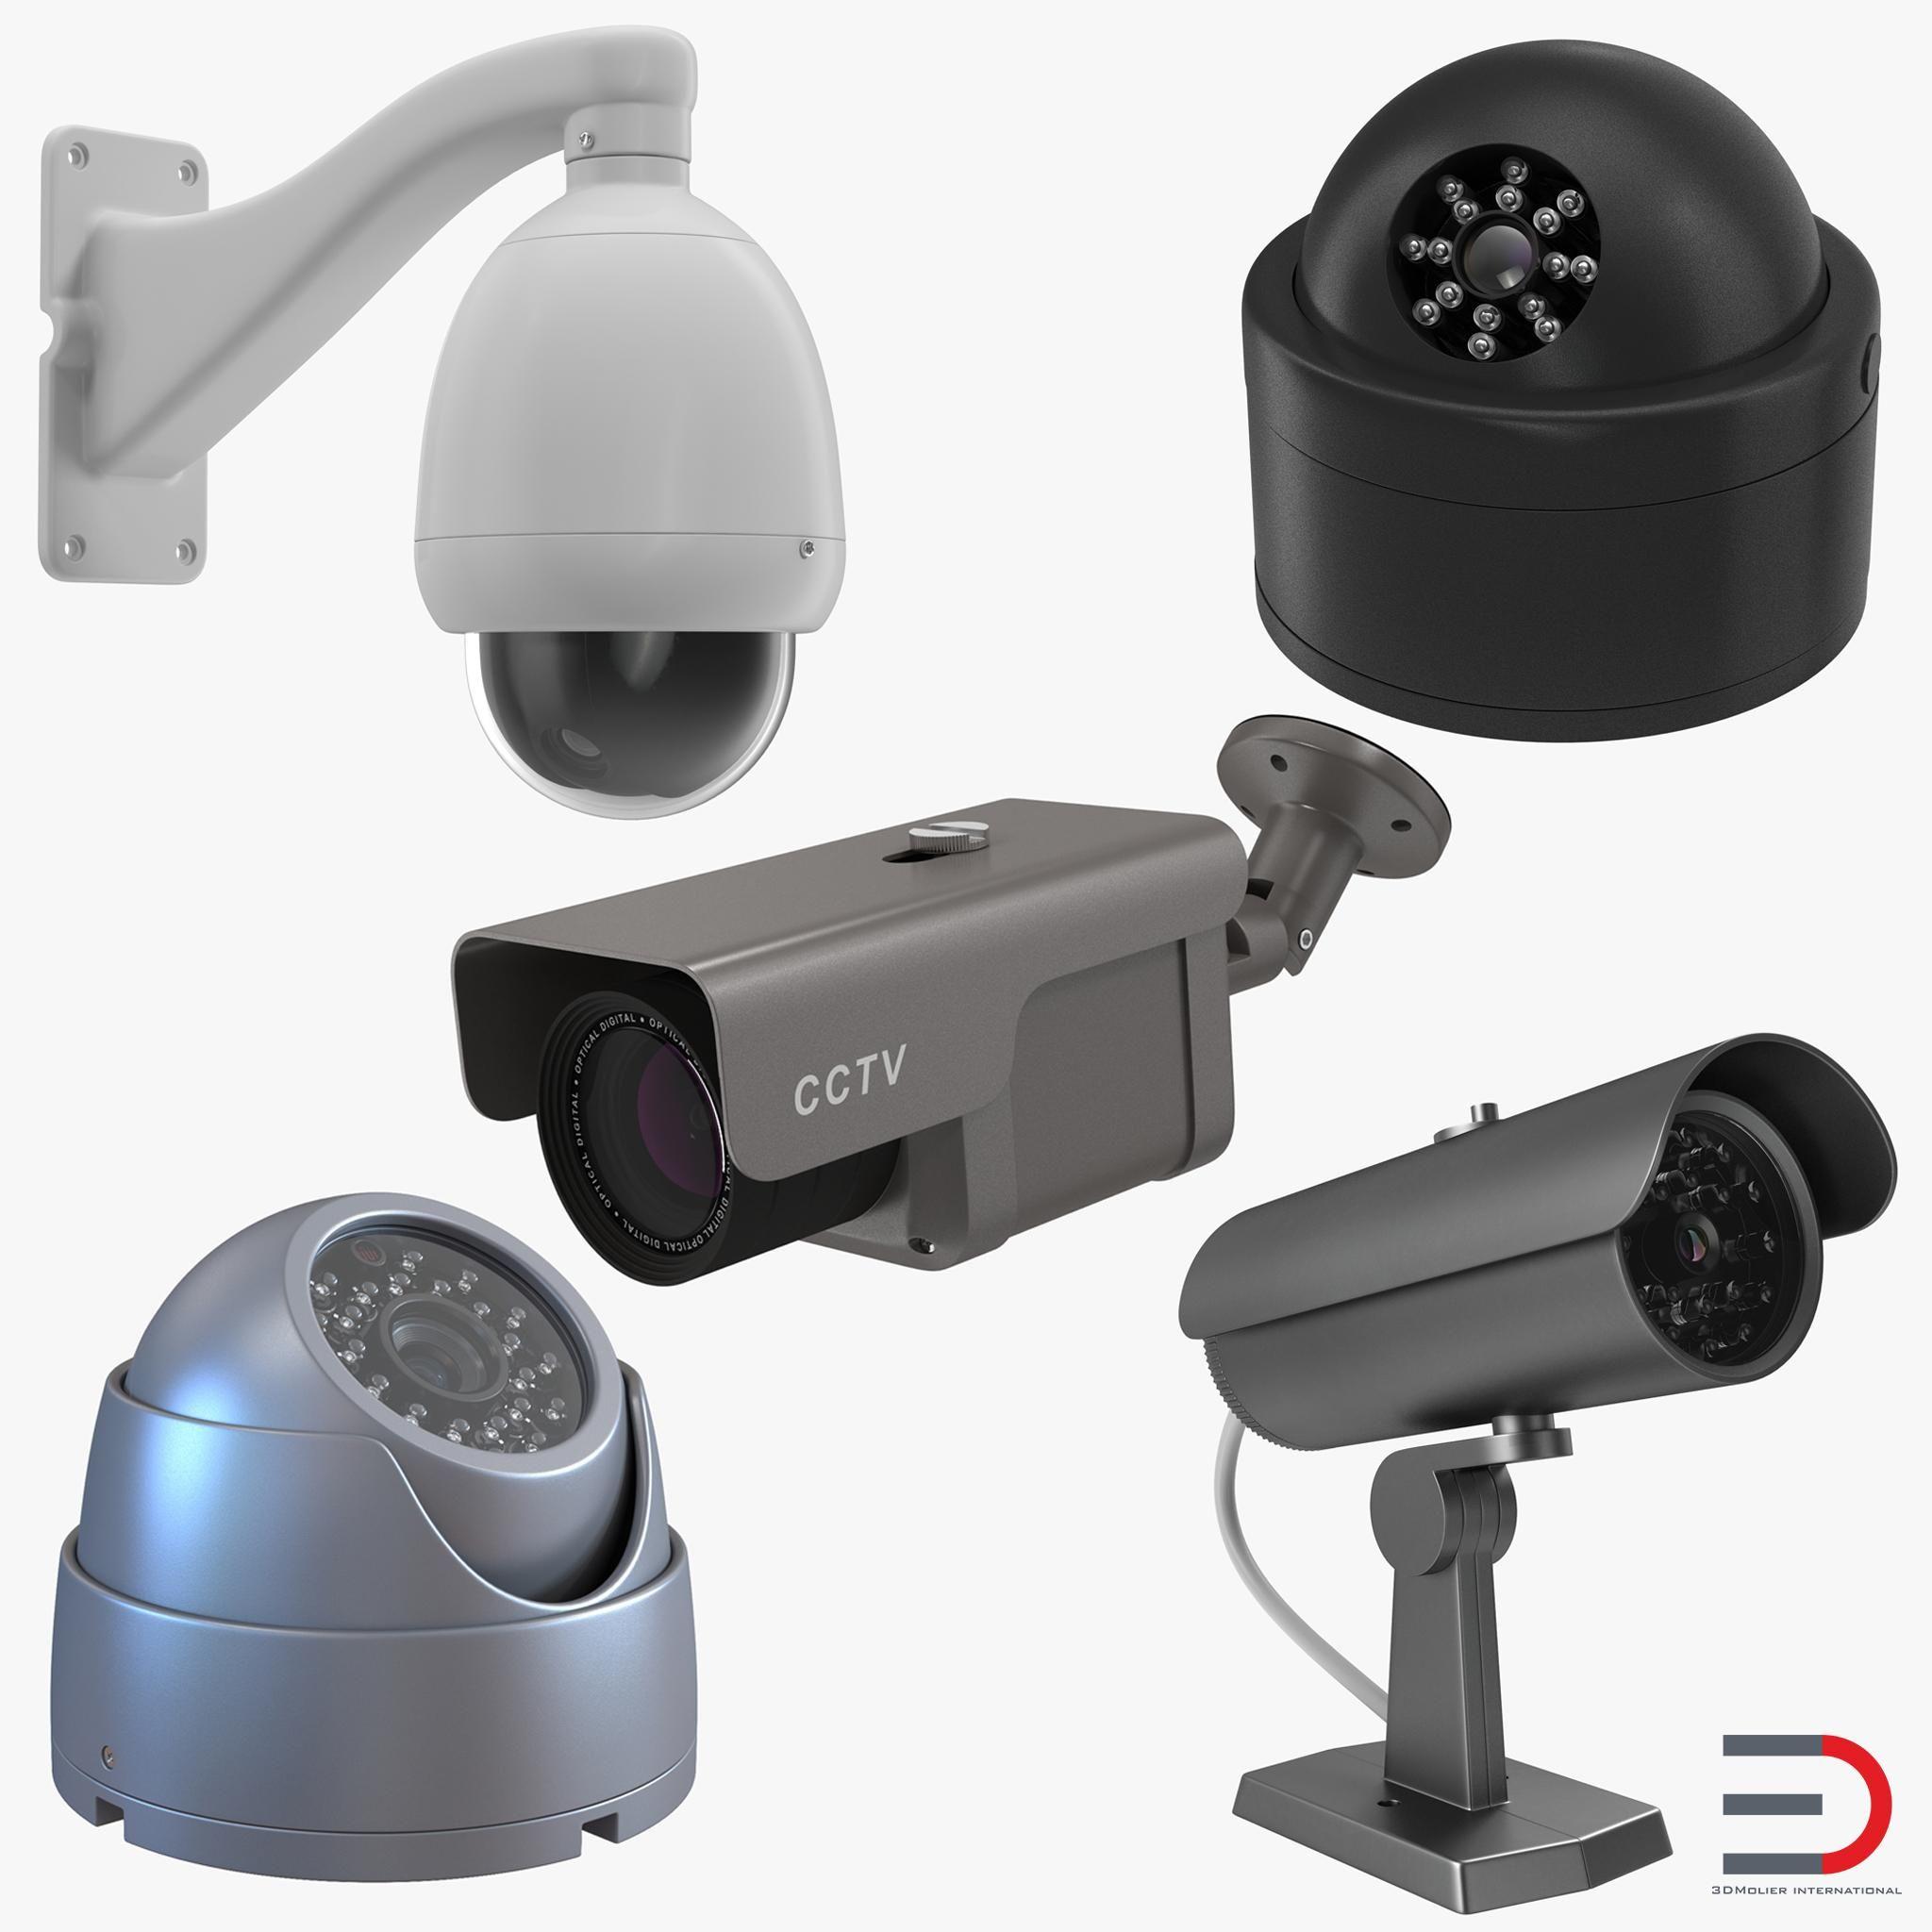 Cctv Cameras Collection 3d Model Ad Cameras Cctv Model Collection Cctv Camera Home Safety Tips Burglar